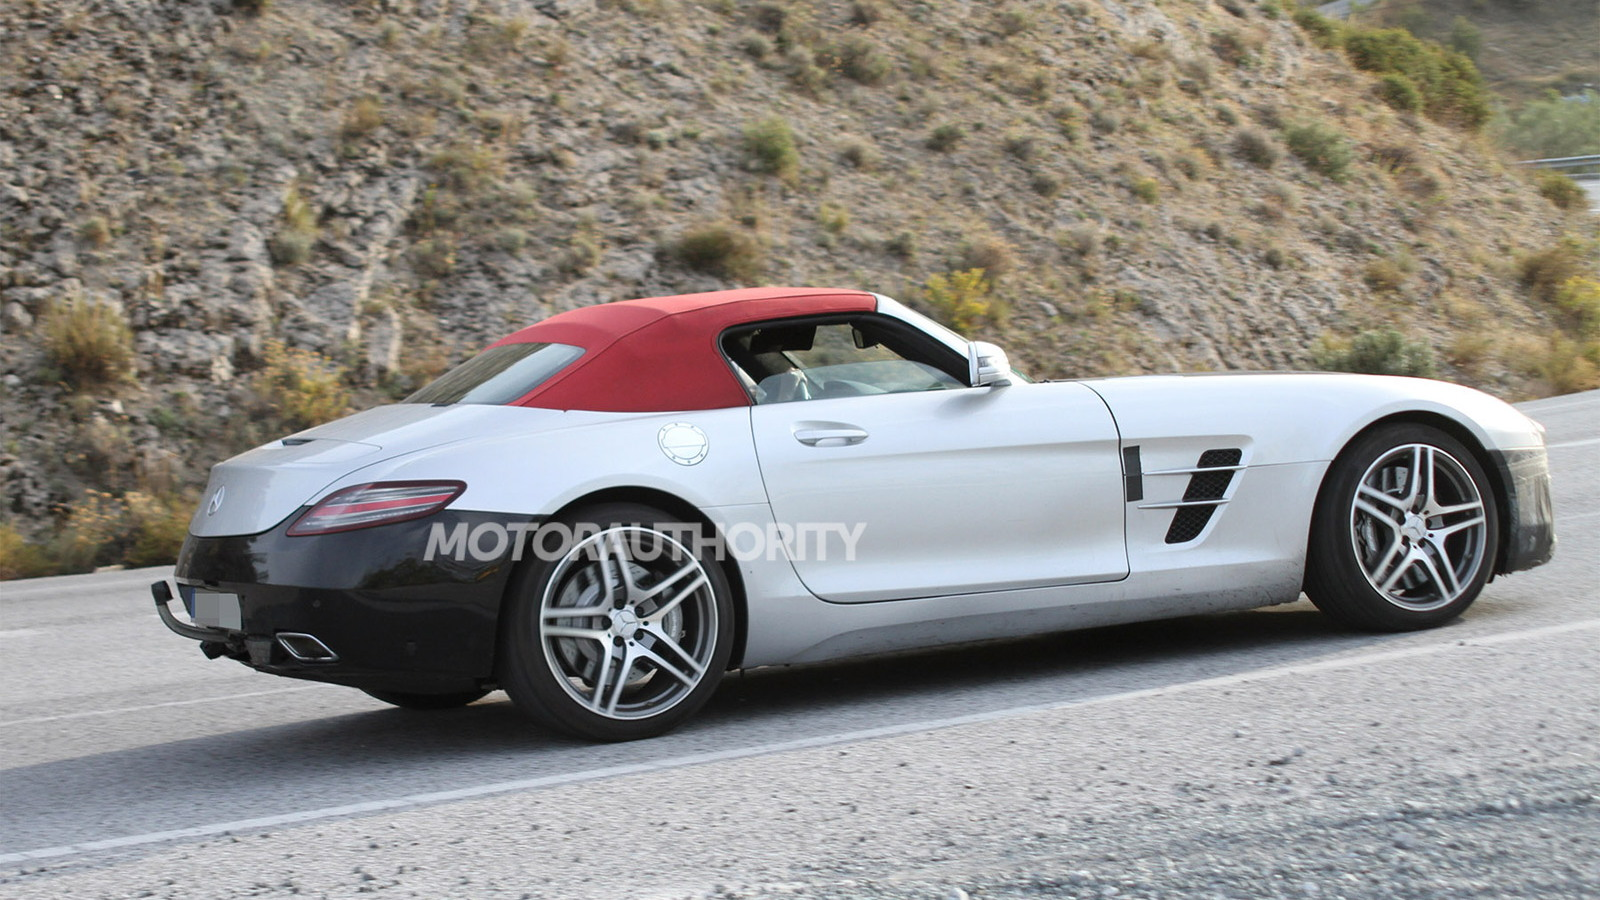 2015 Mercedes-Benz SLS AMG GT Roadster facelift spy shots